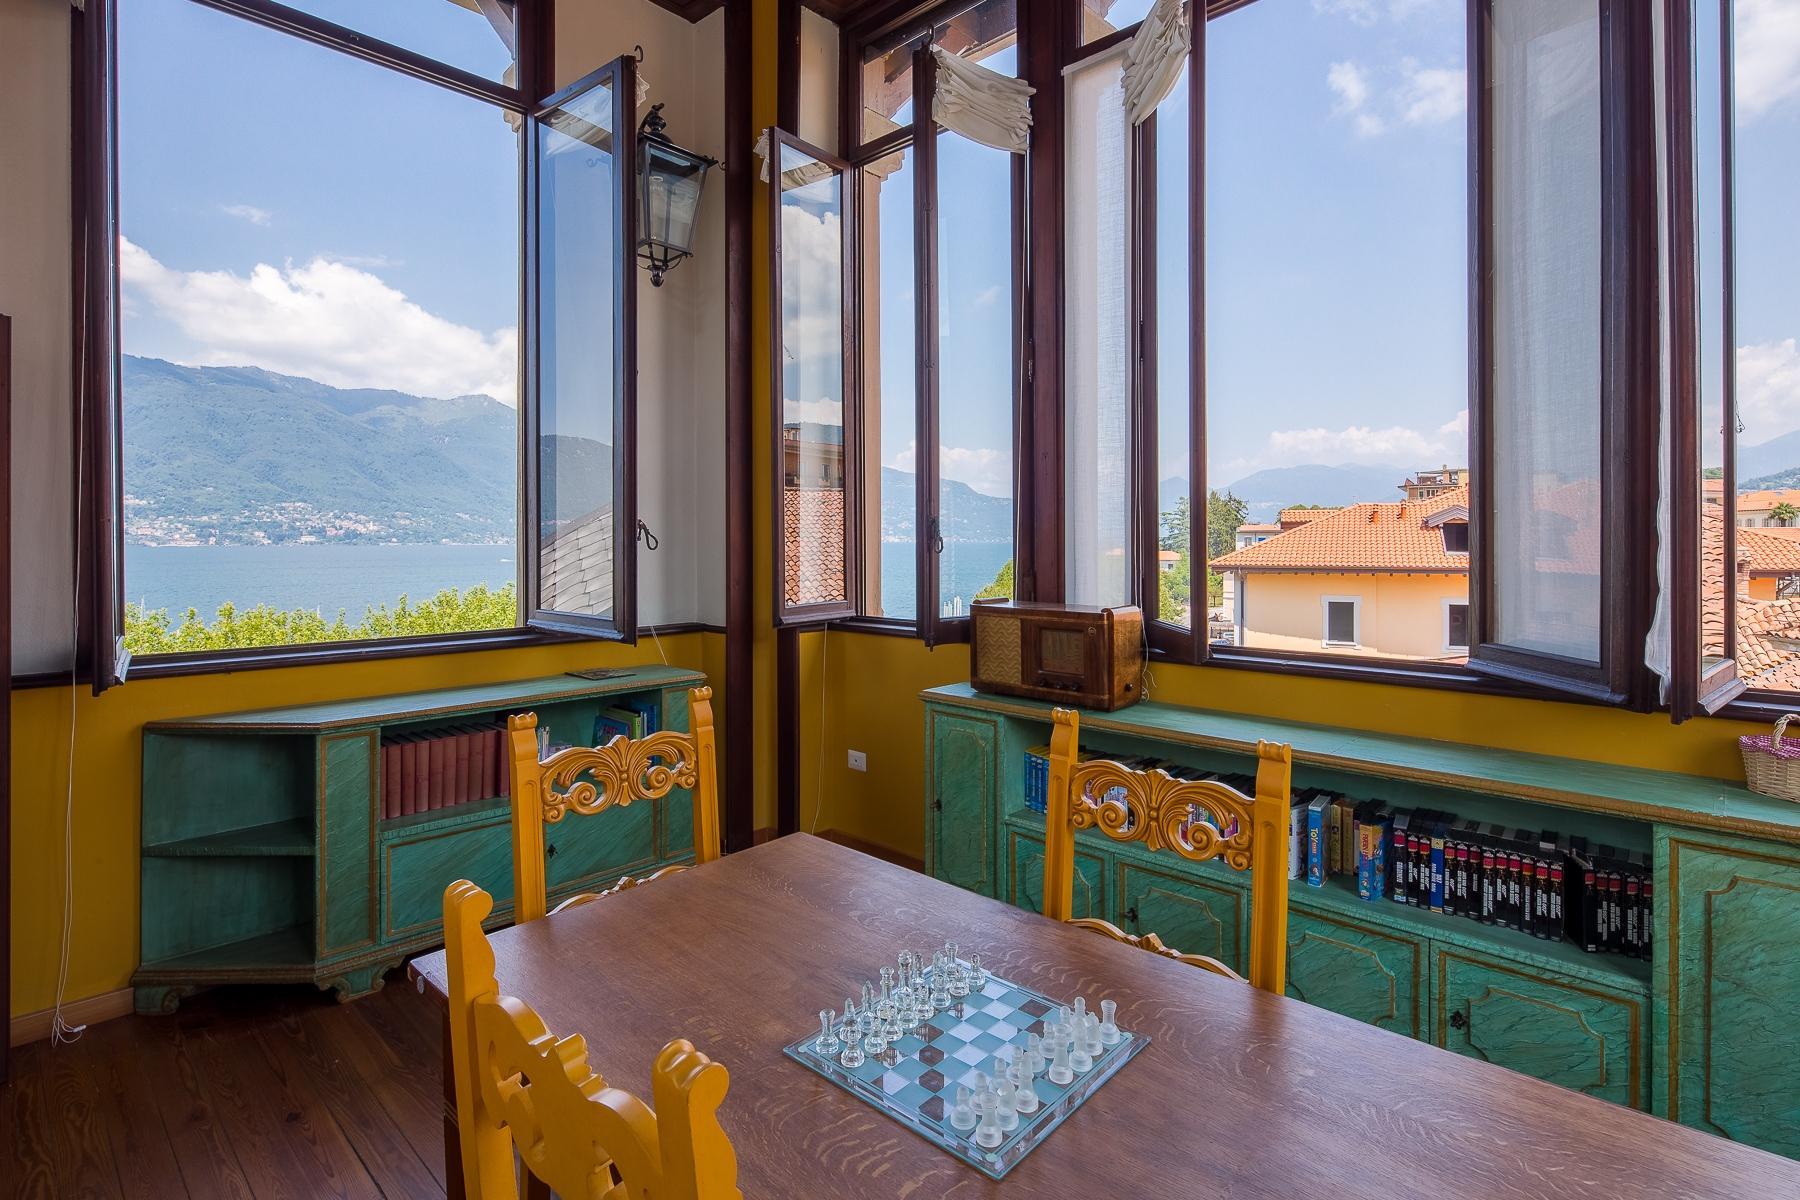 Maggiore湖岸边新艺术风格的别墅 - 33